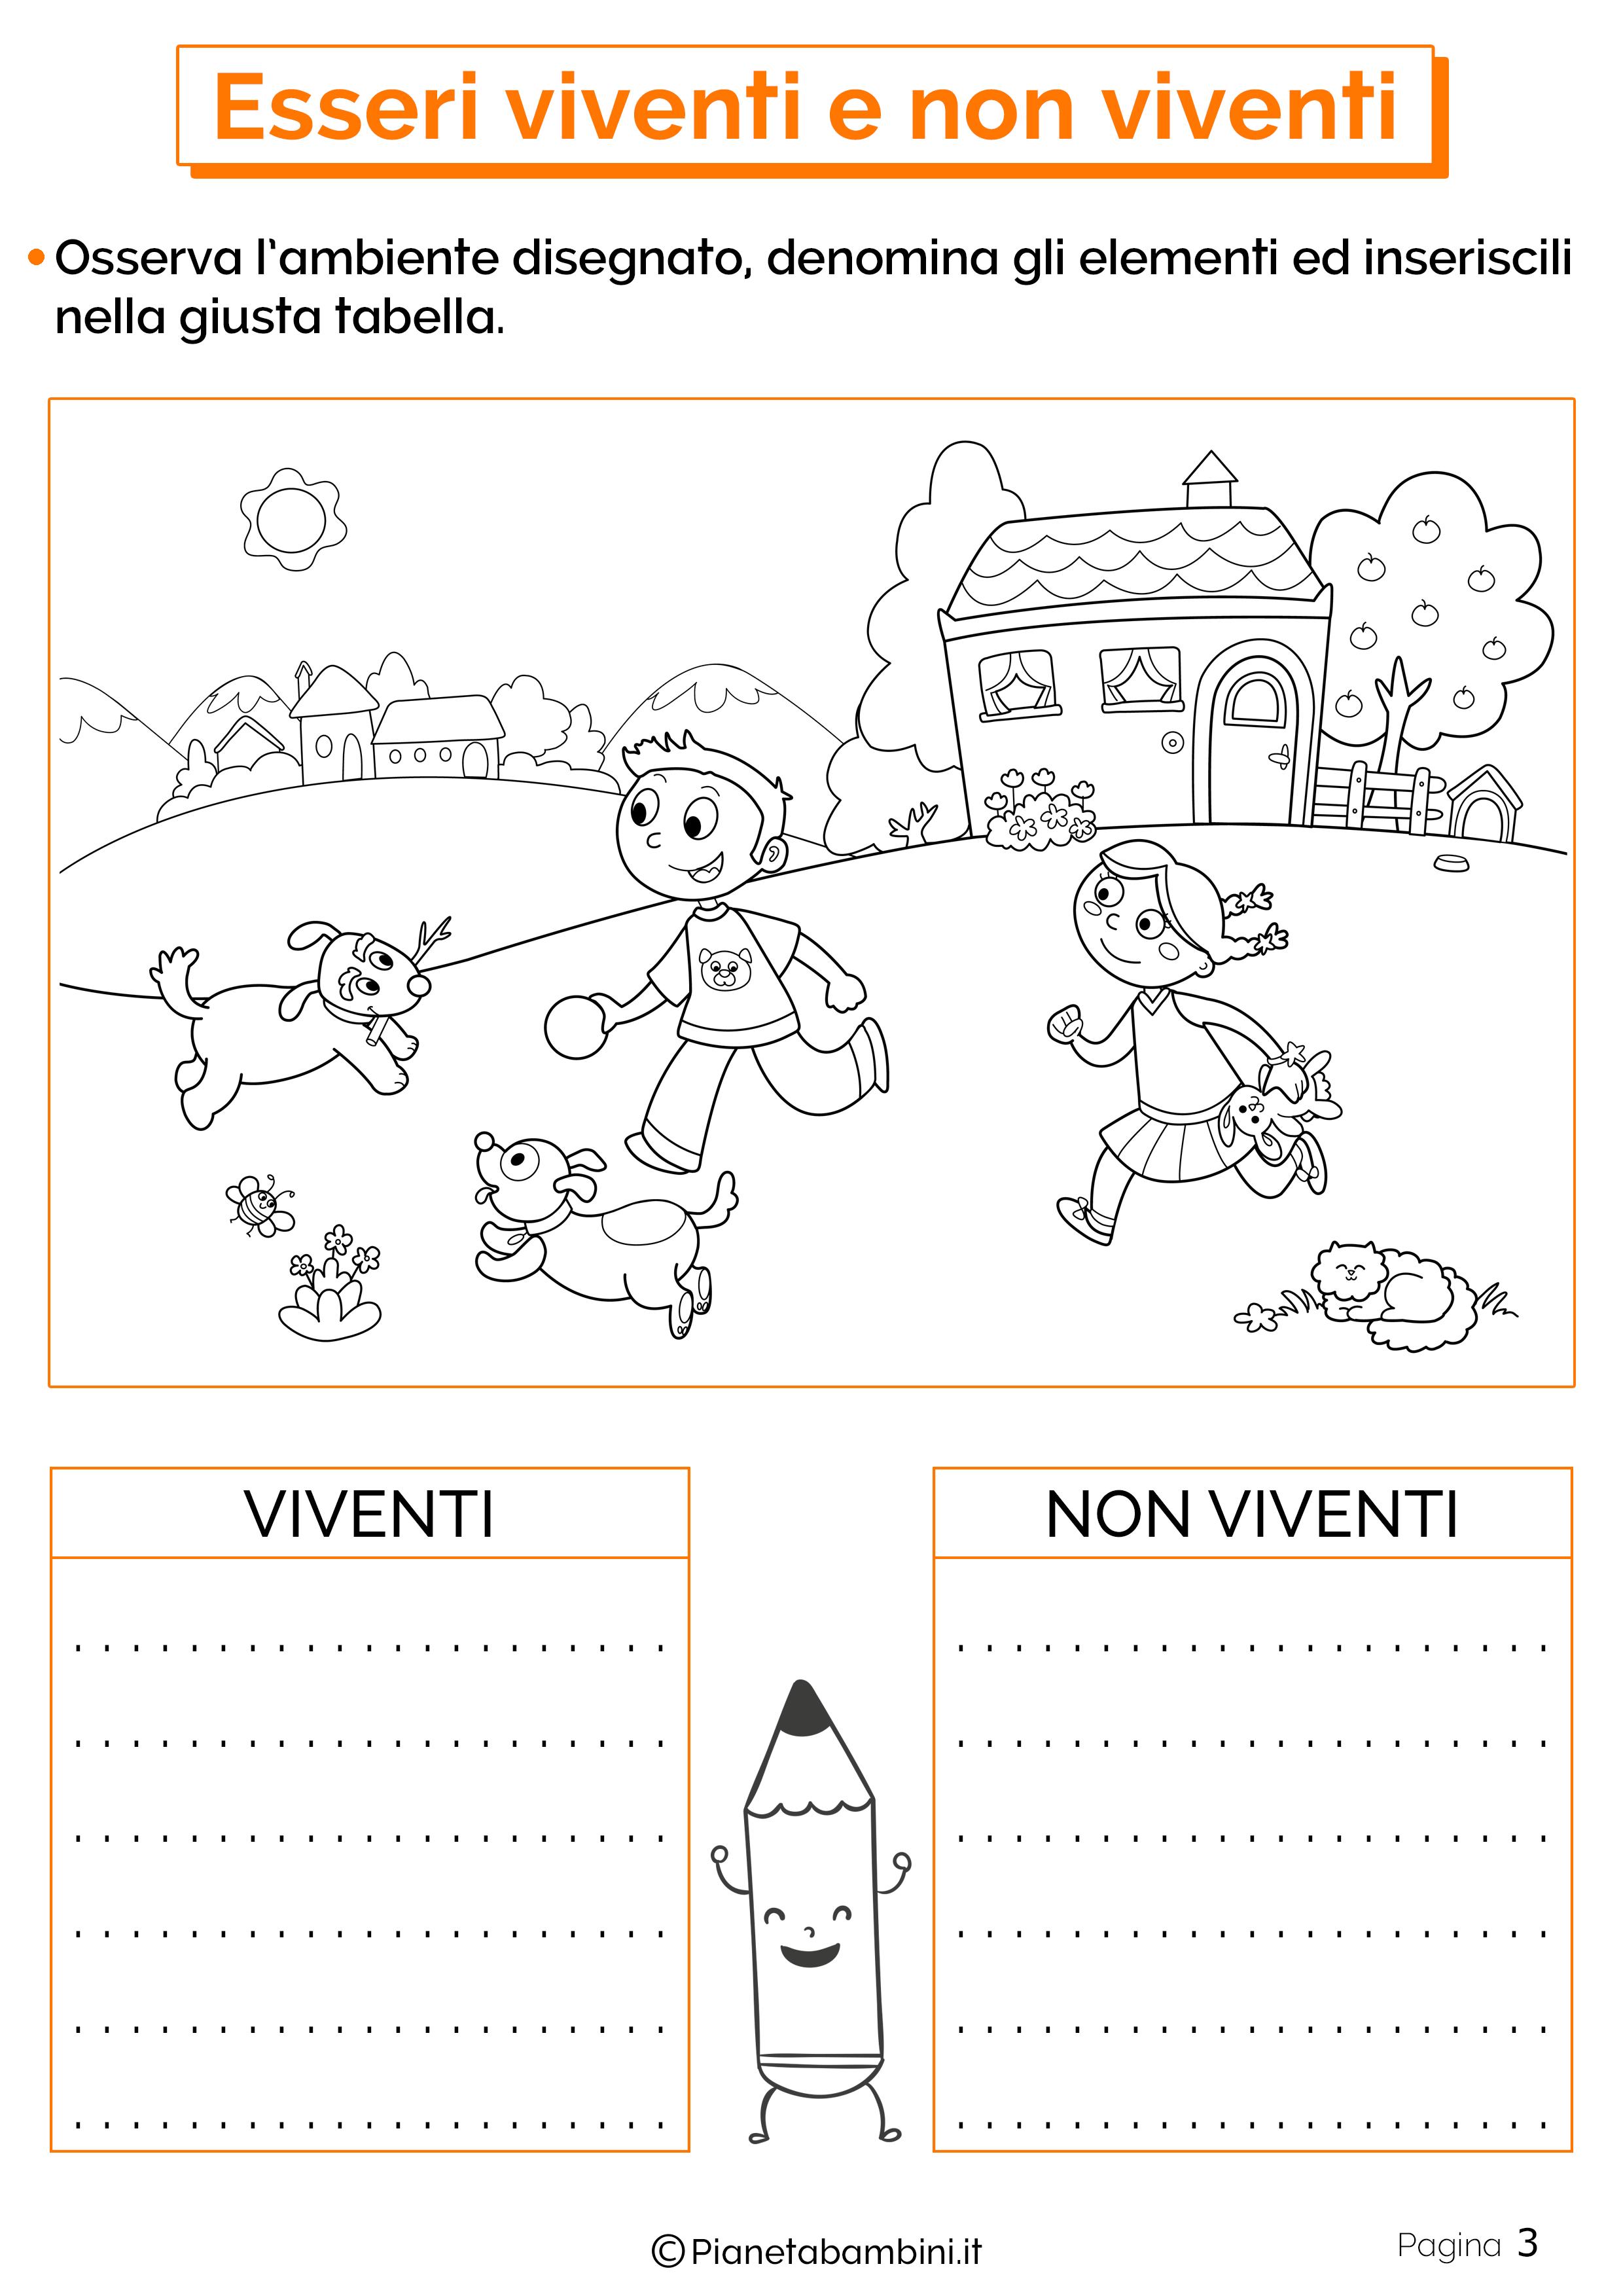 Esercizi su esseri viventi e non viventi 3